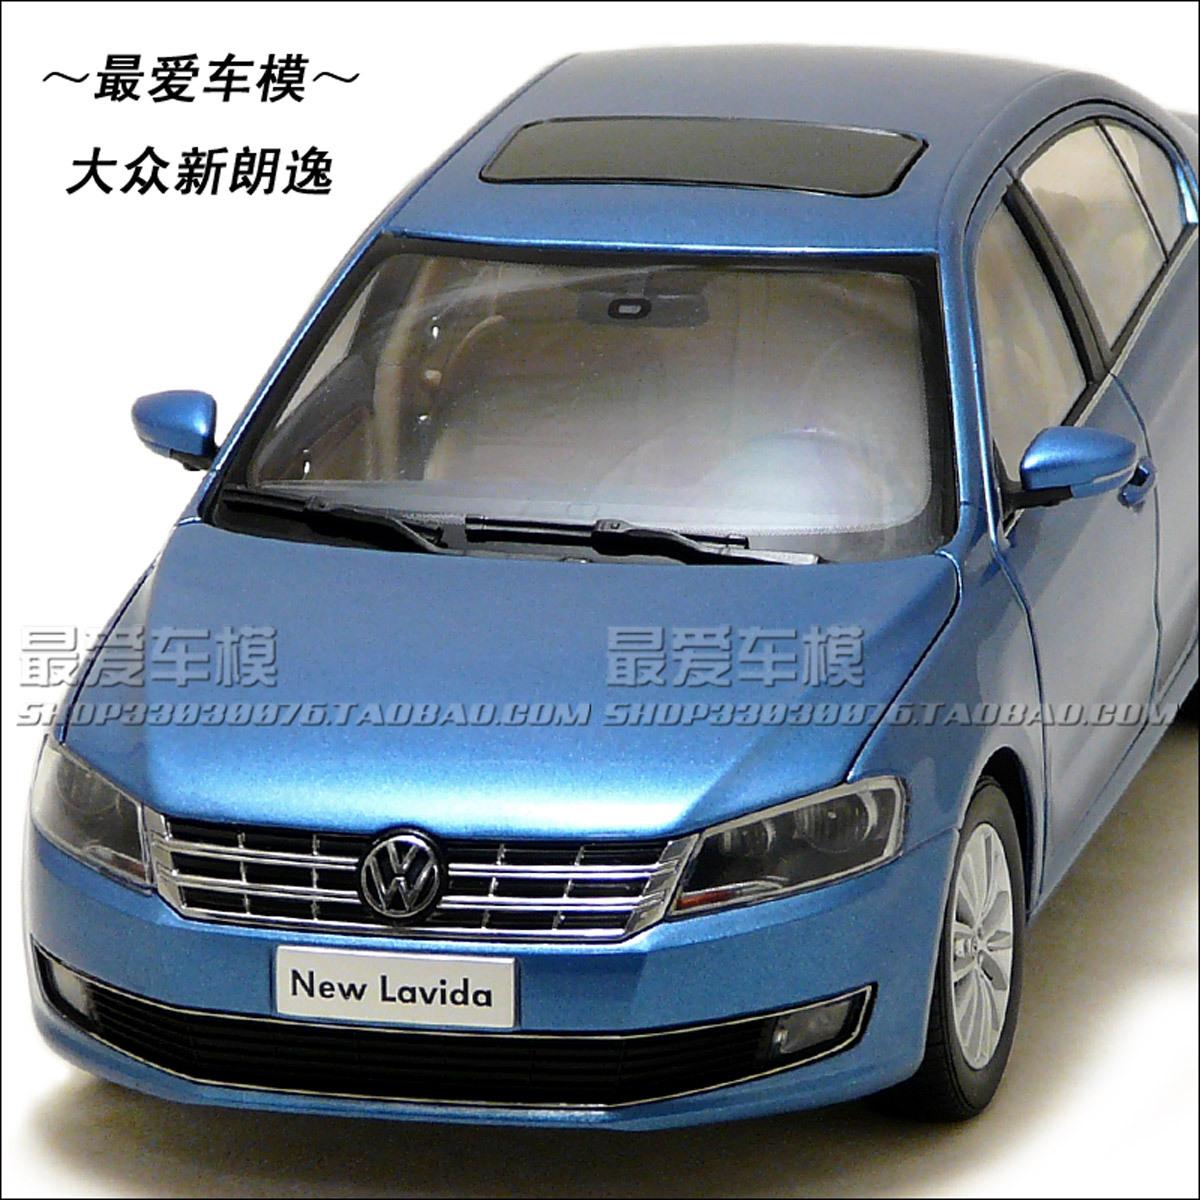 汽车模型牌照